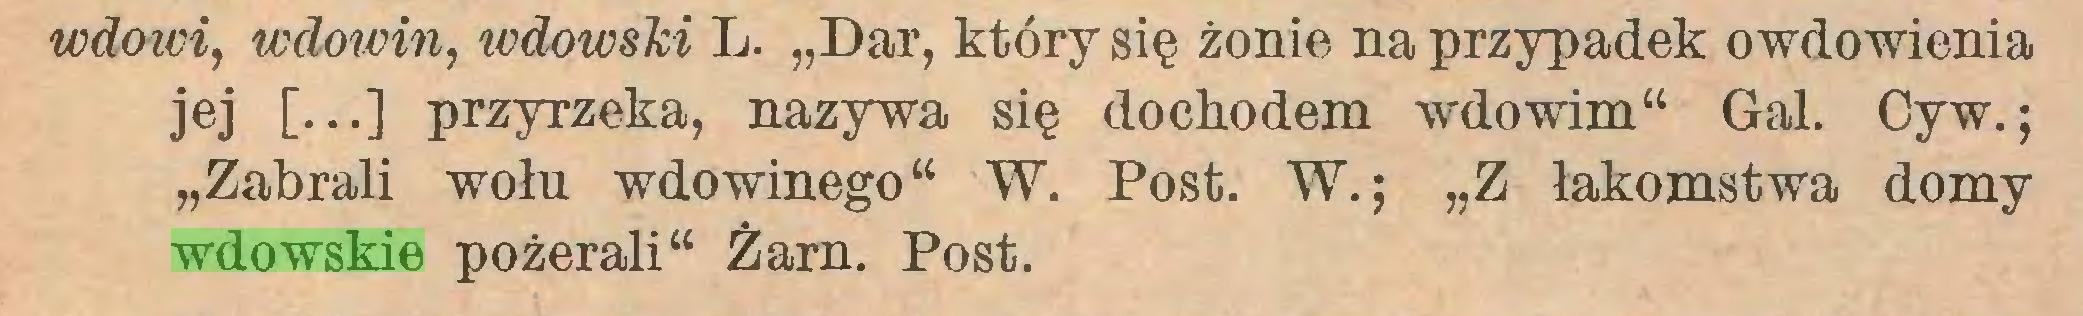 """(...) wdowi, wdowin, icdowski L. """"Dar, który się żonie na przypadek owdowienia jej [...] przyrzeka, nazywa się dochodem wdowim"""" Gal. Cyw.; """"Zabrali wołu wdowinego"""" W. Post. W.; """"Z łakomstwa domy wdowskie pożerali"""" Żarn. Post..."""